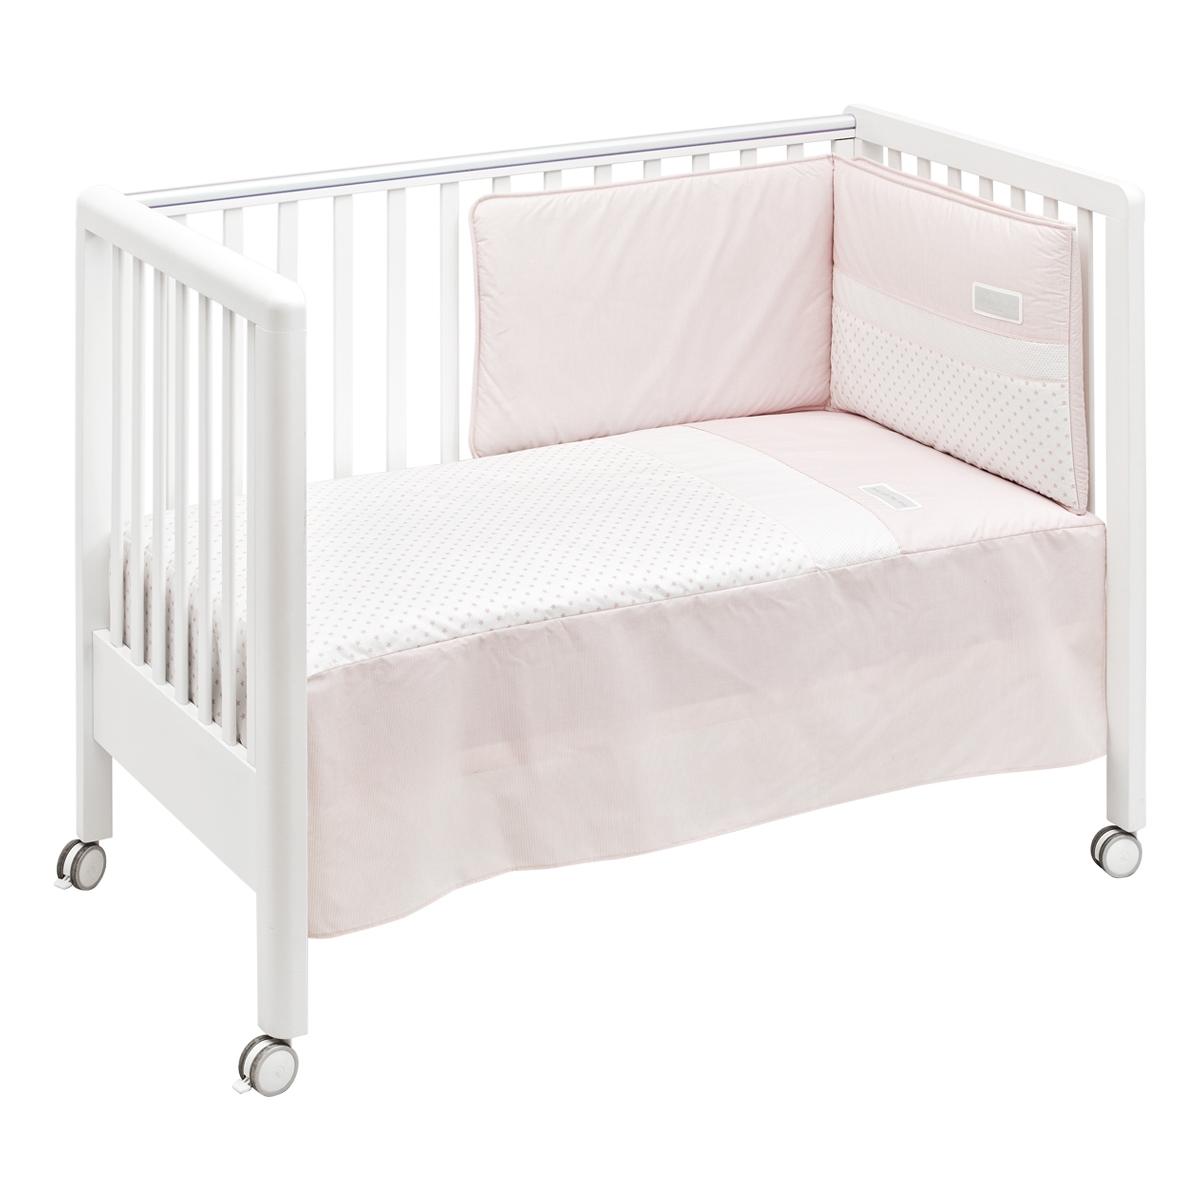 ensemble dessu de lit tour de lit star 60x120 cm baby concept. Black Bedroom Furniture Sets. Home Design Ideas